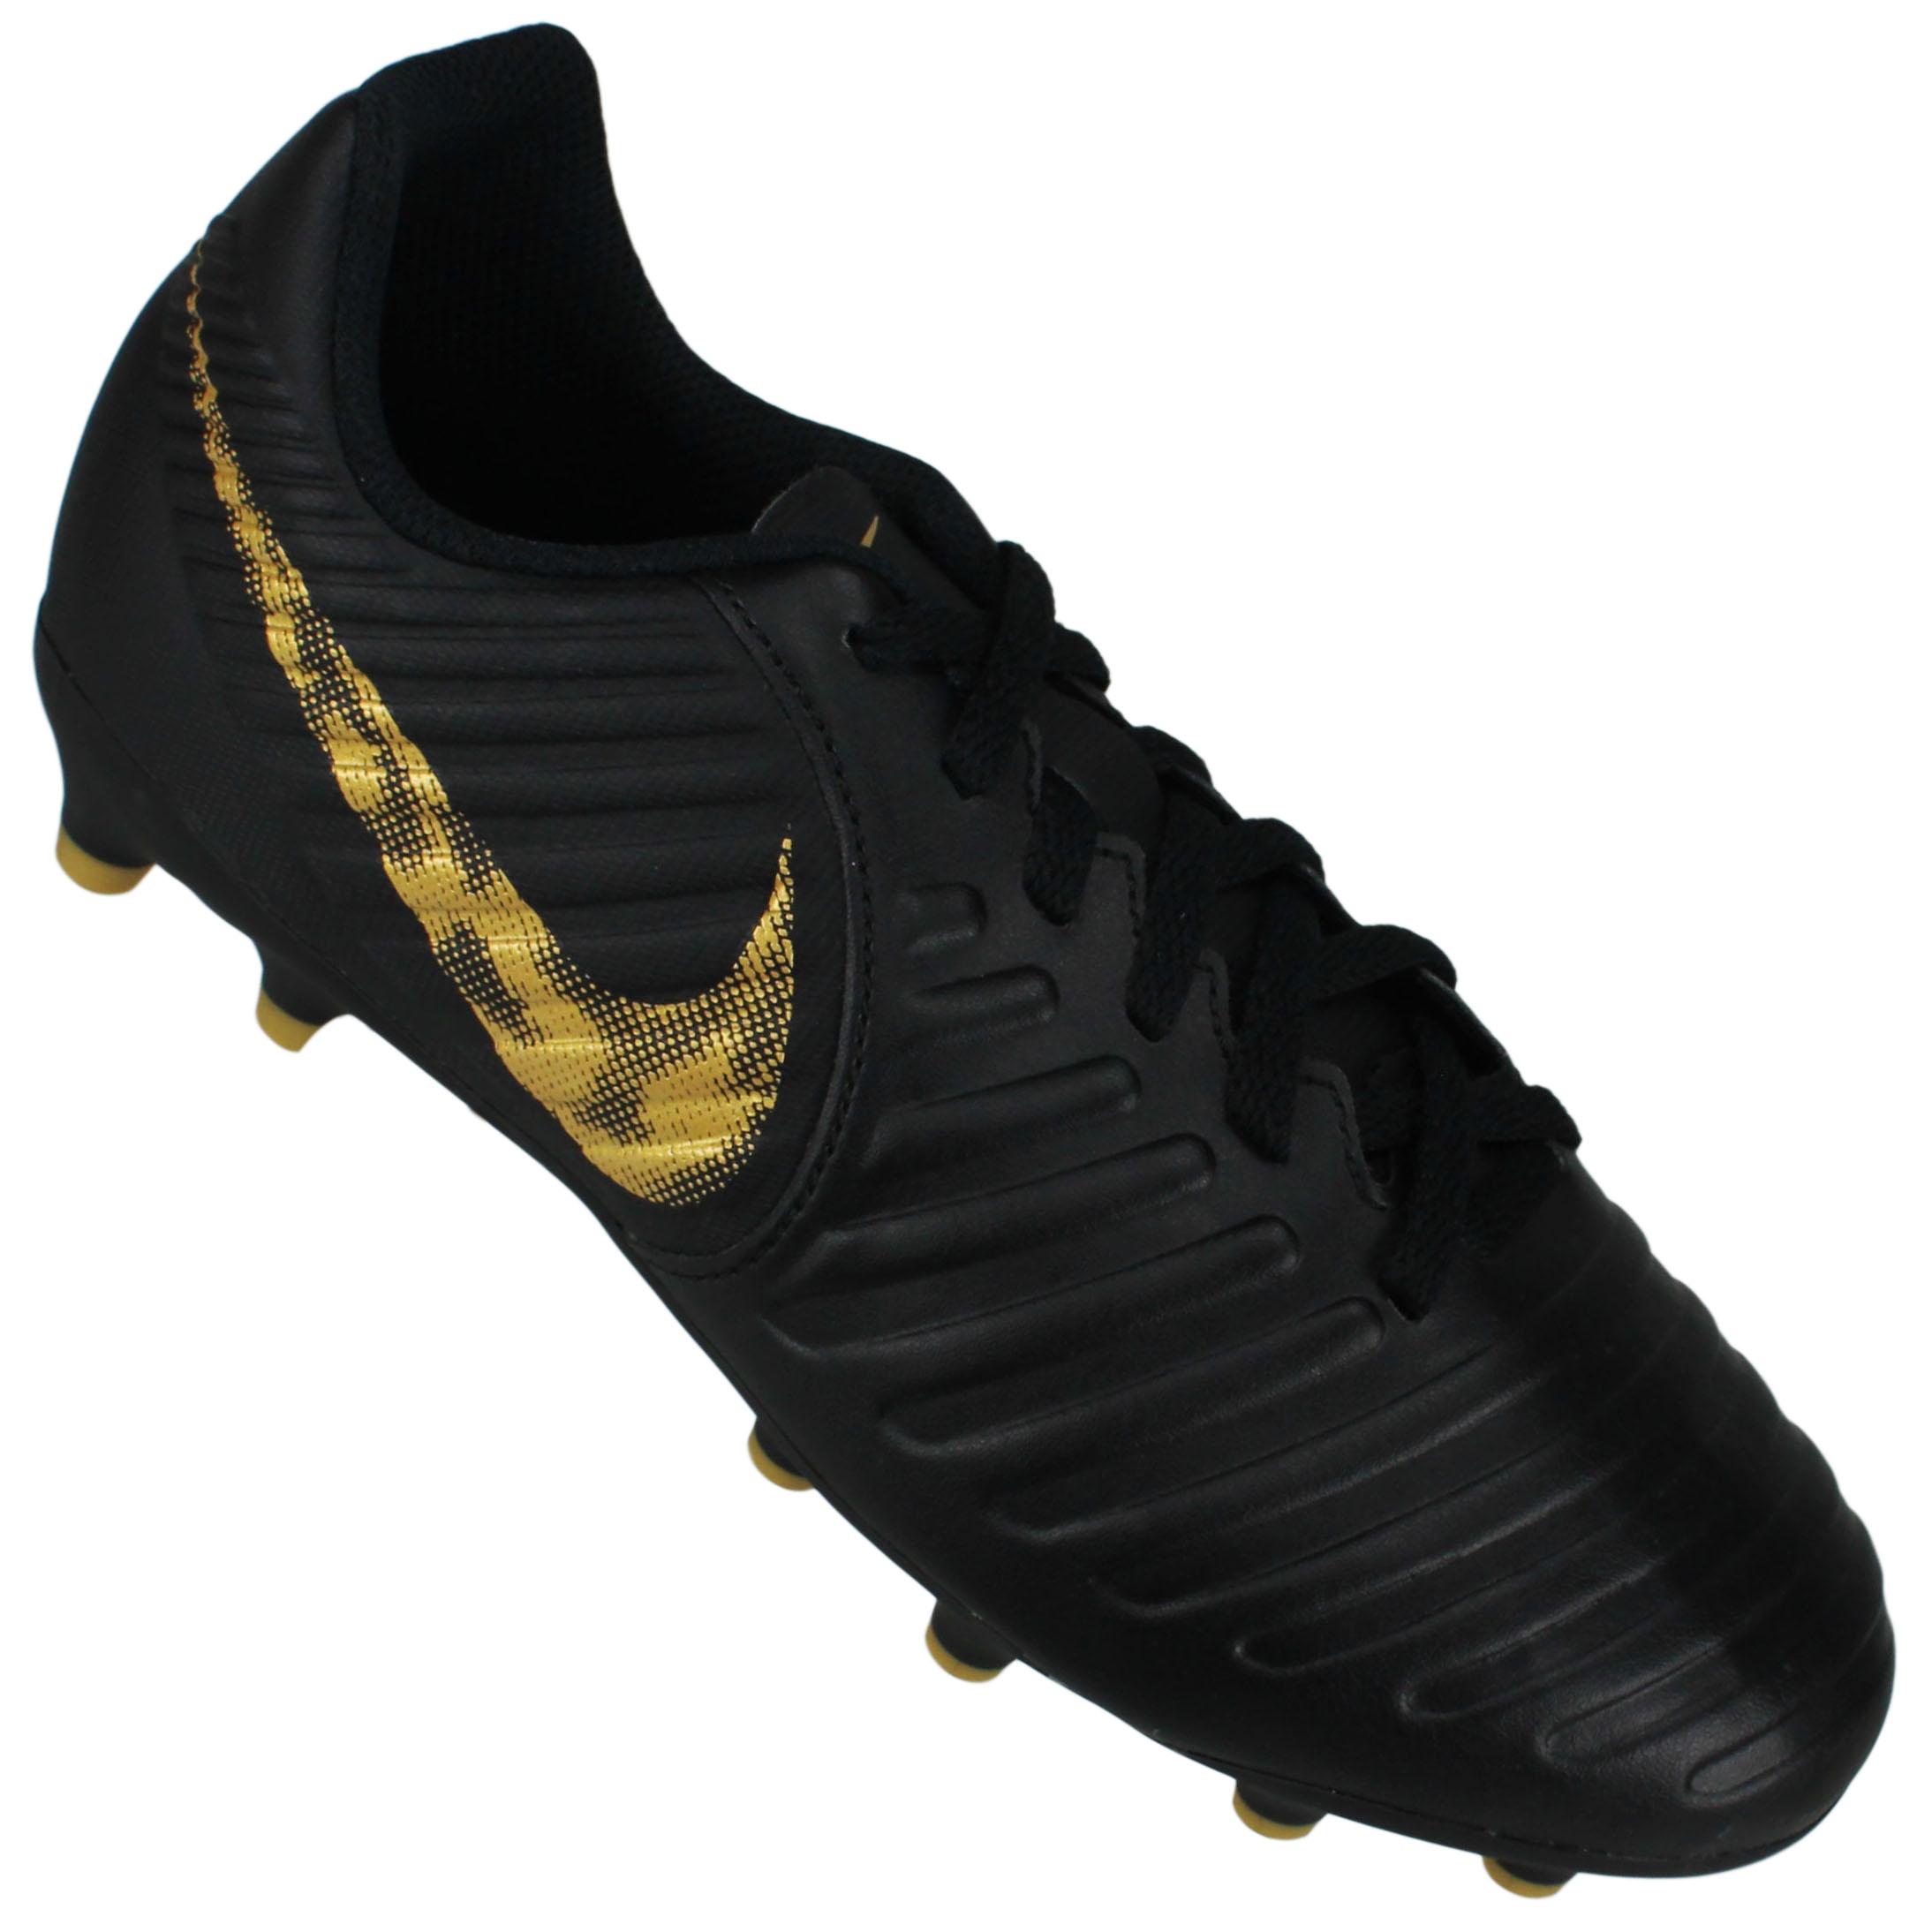 Imagem - Chuteira Campo Nike Legend 7 Club Juvenil